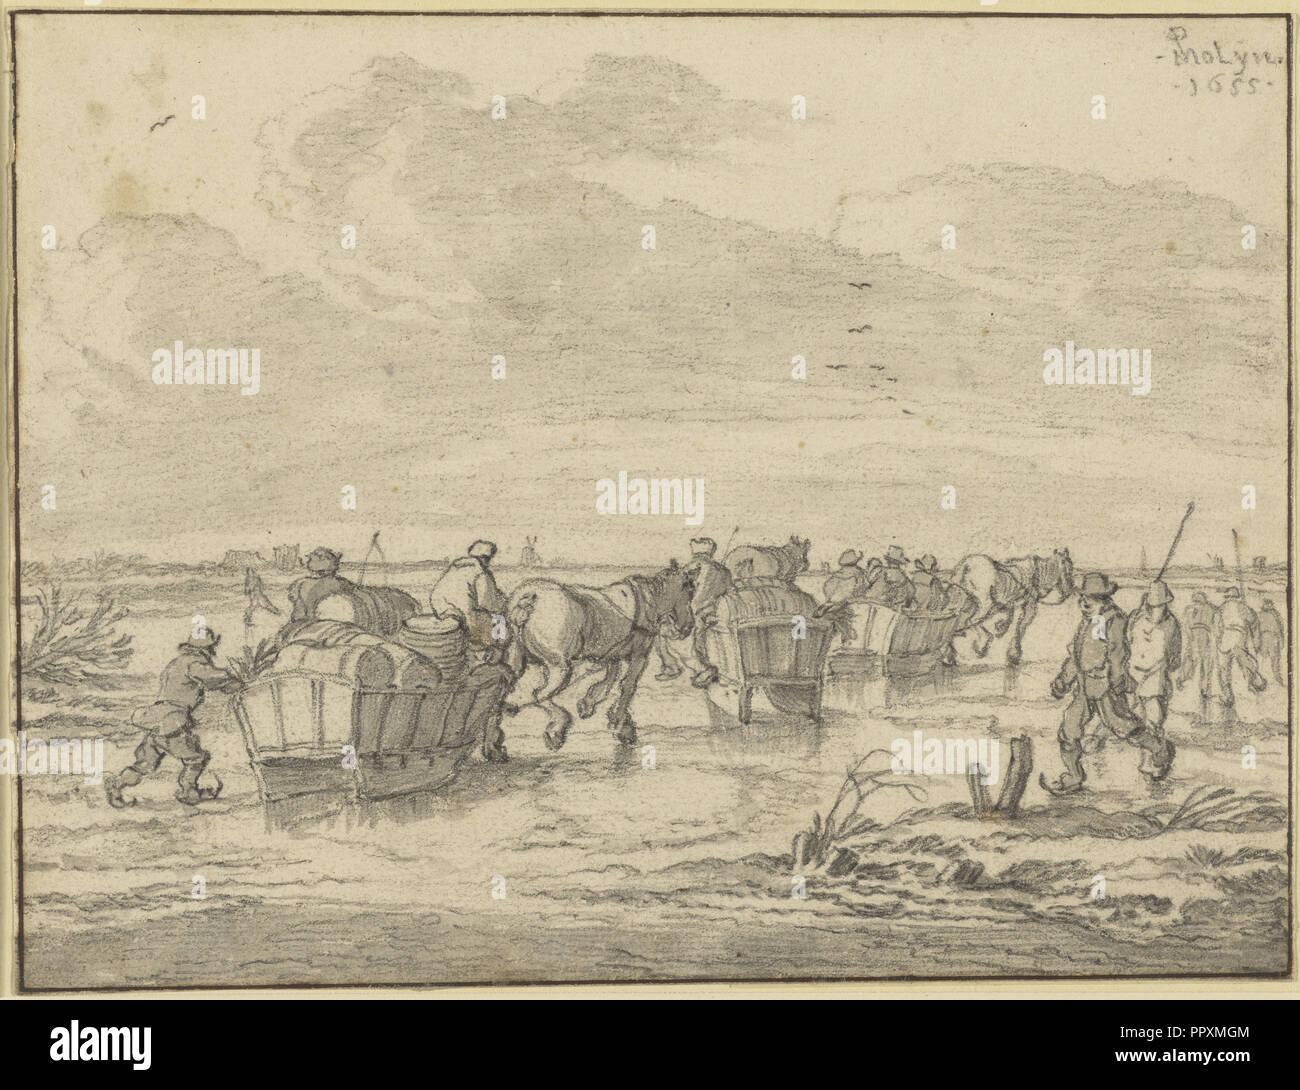 Eine Szene auf dem Eis mit Skatern und Wagen; Pieter Molijn, Niederländisch, 1595-1661, 1655; Schwarze Kreide mit grauen waschen; 14,9 x 19,4 cm Stockbild